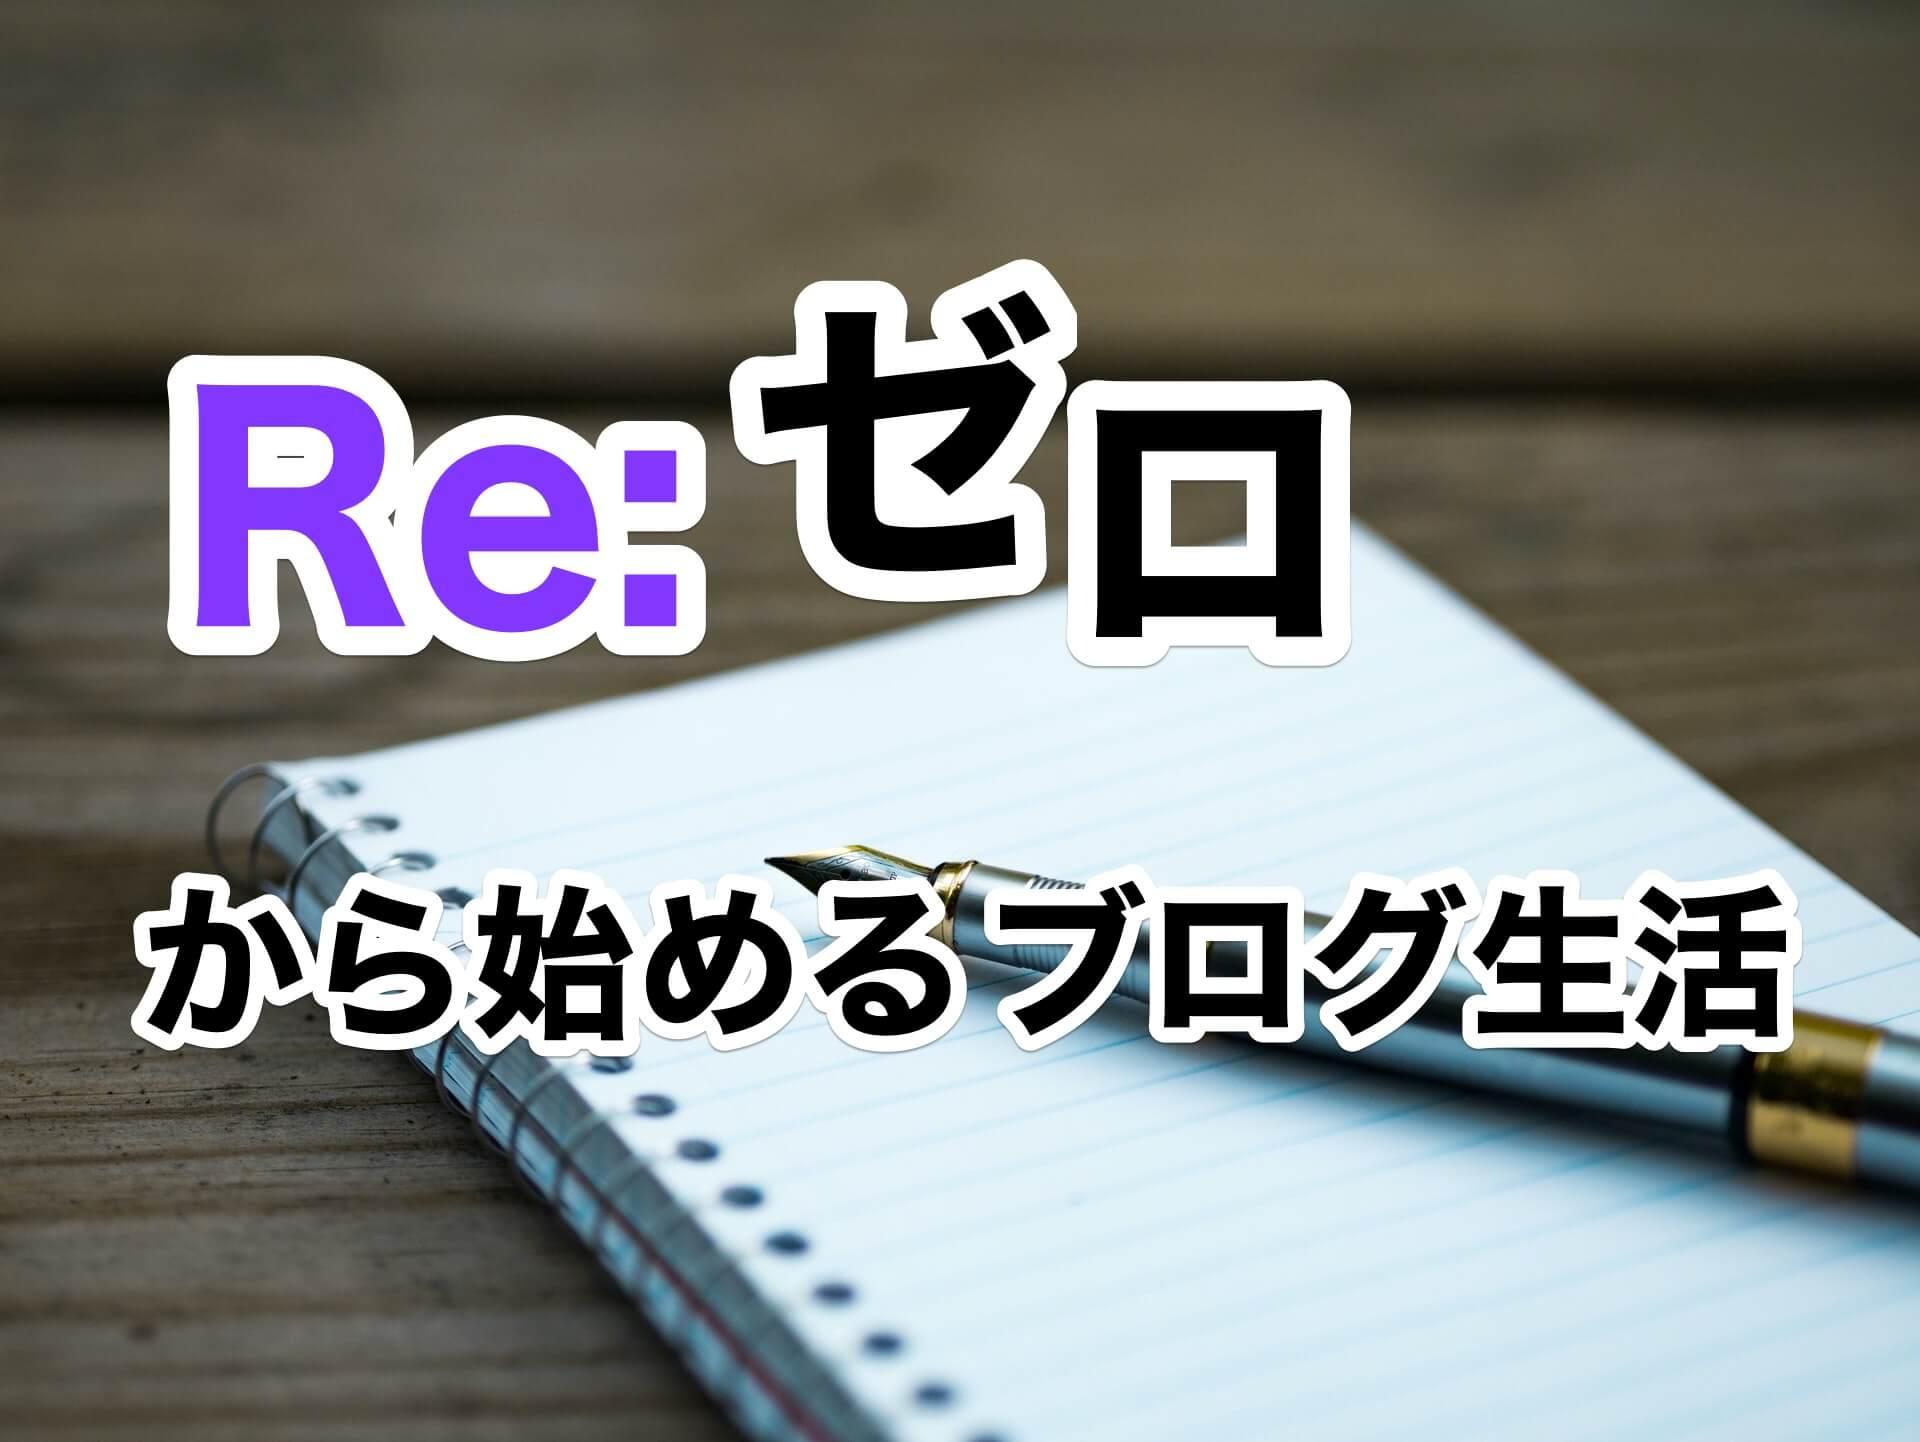 ゼロから始めるブログ生活、月1万円から確実に稼ぐために!【ロードマップ】